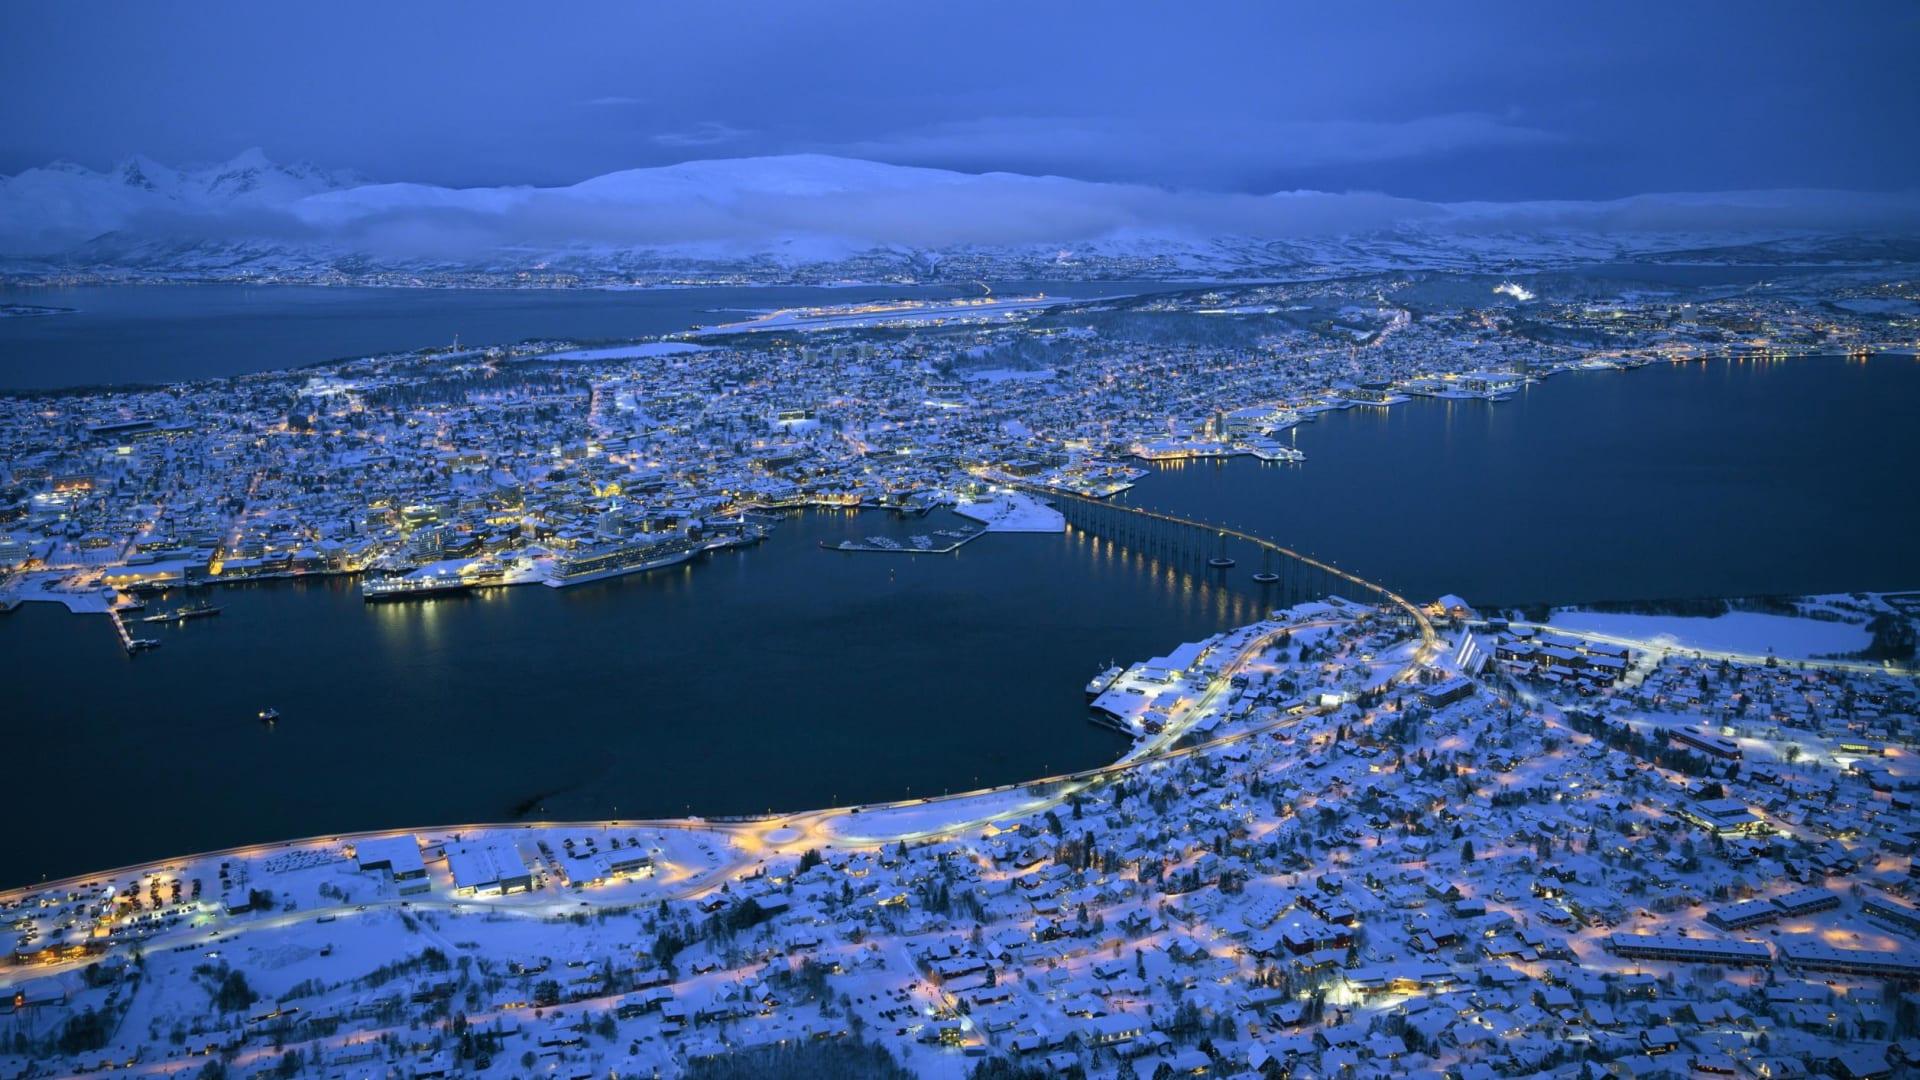 5 من أفضل الأماكن لقضاء عطلتك في أوروبا خلال فصل الشتاء